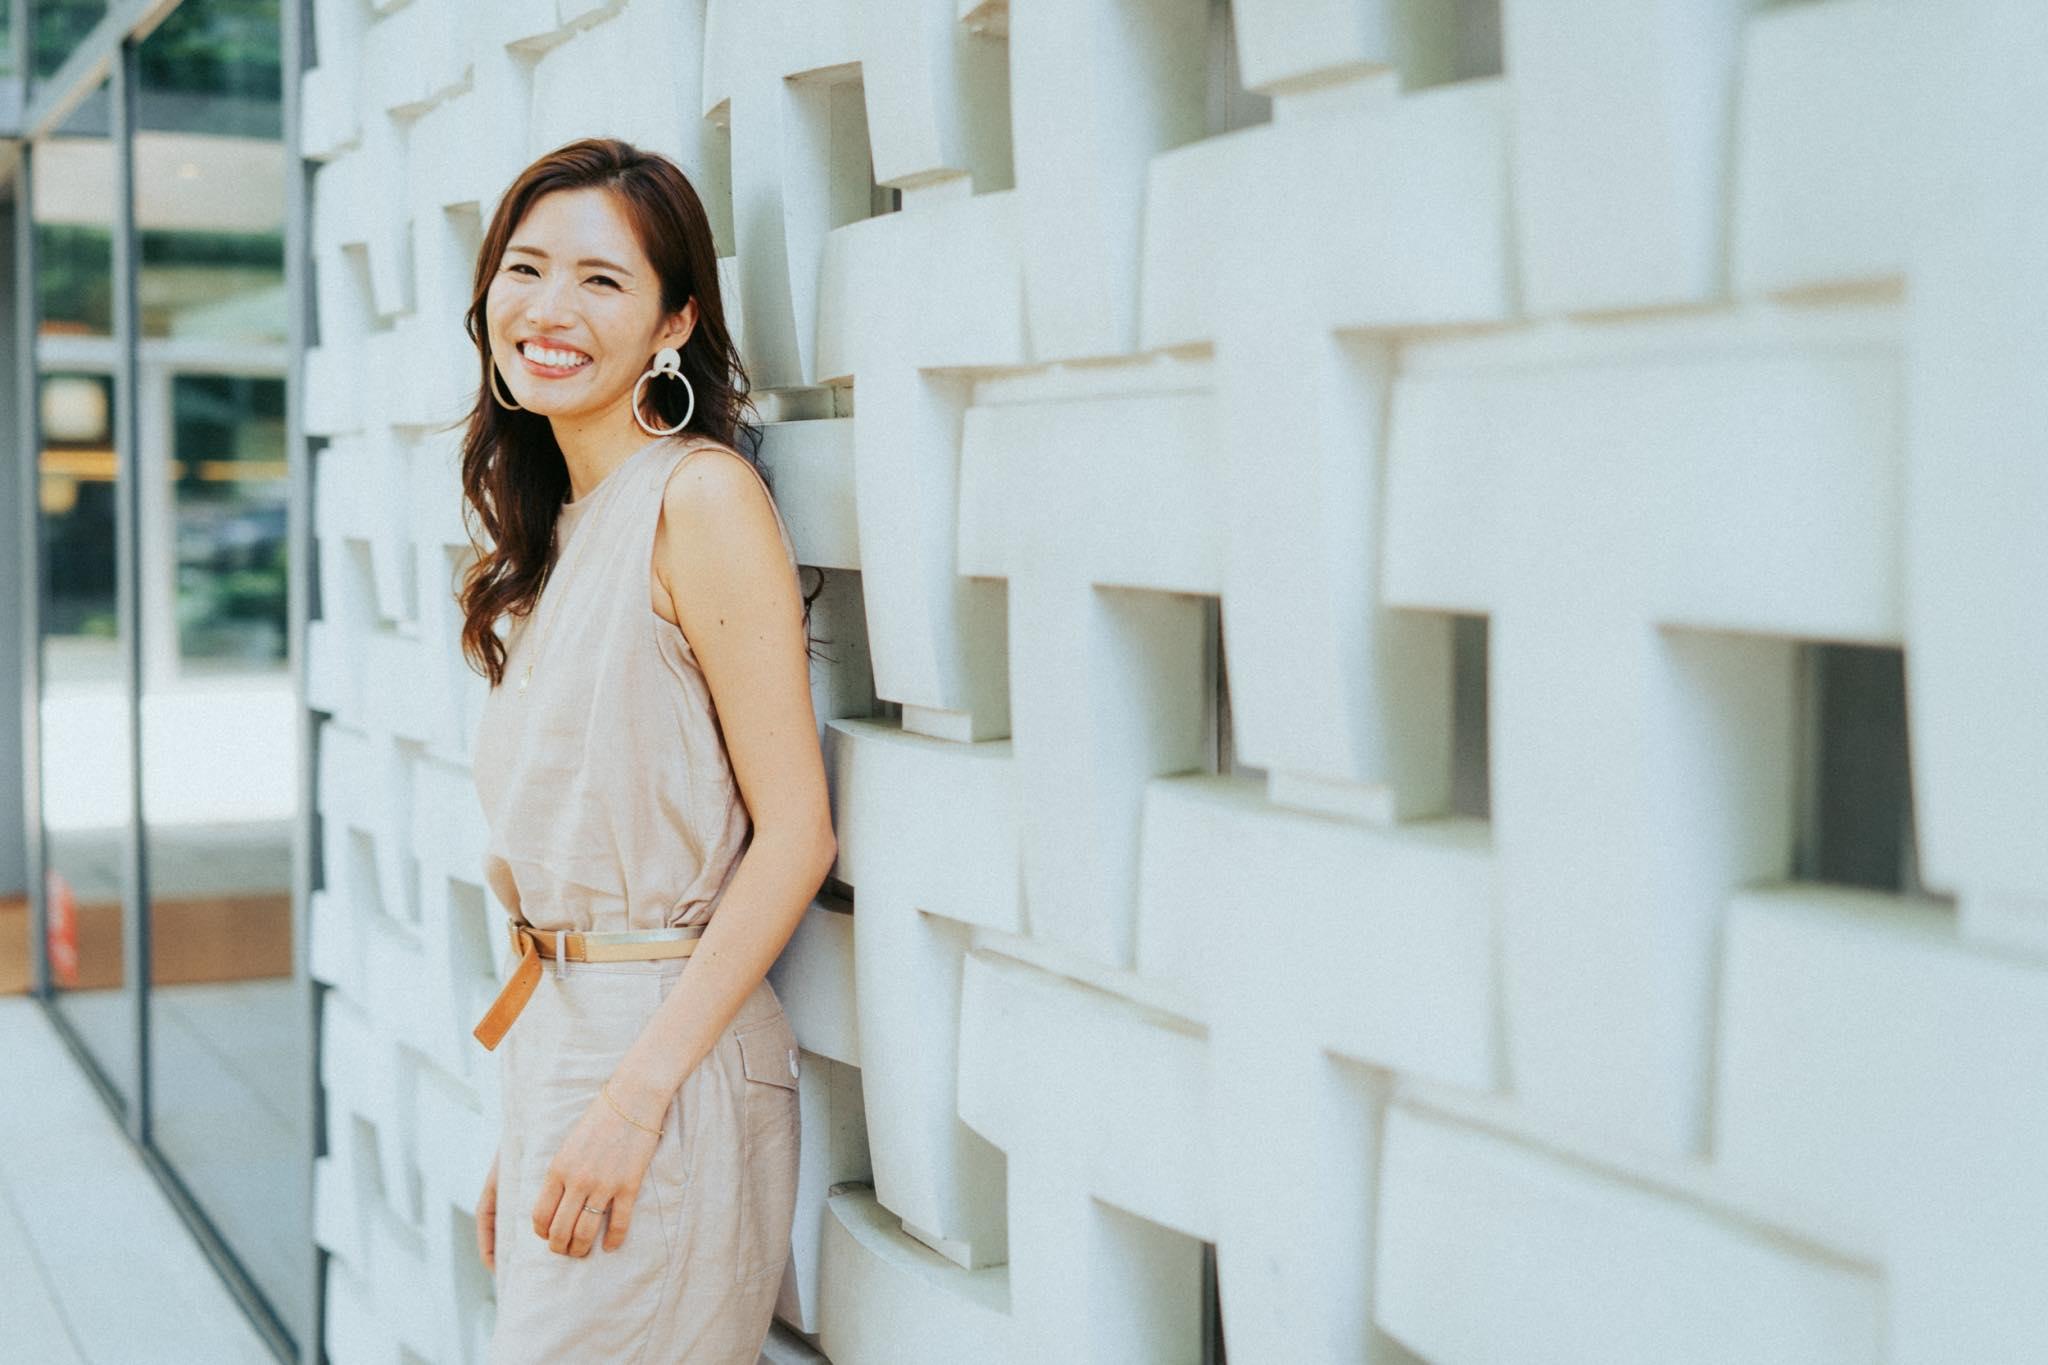 人生フルリセット、世界一周、パラキャリを経て起業!2人の女性に聞く「幸せになる勇気と覚悟」